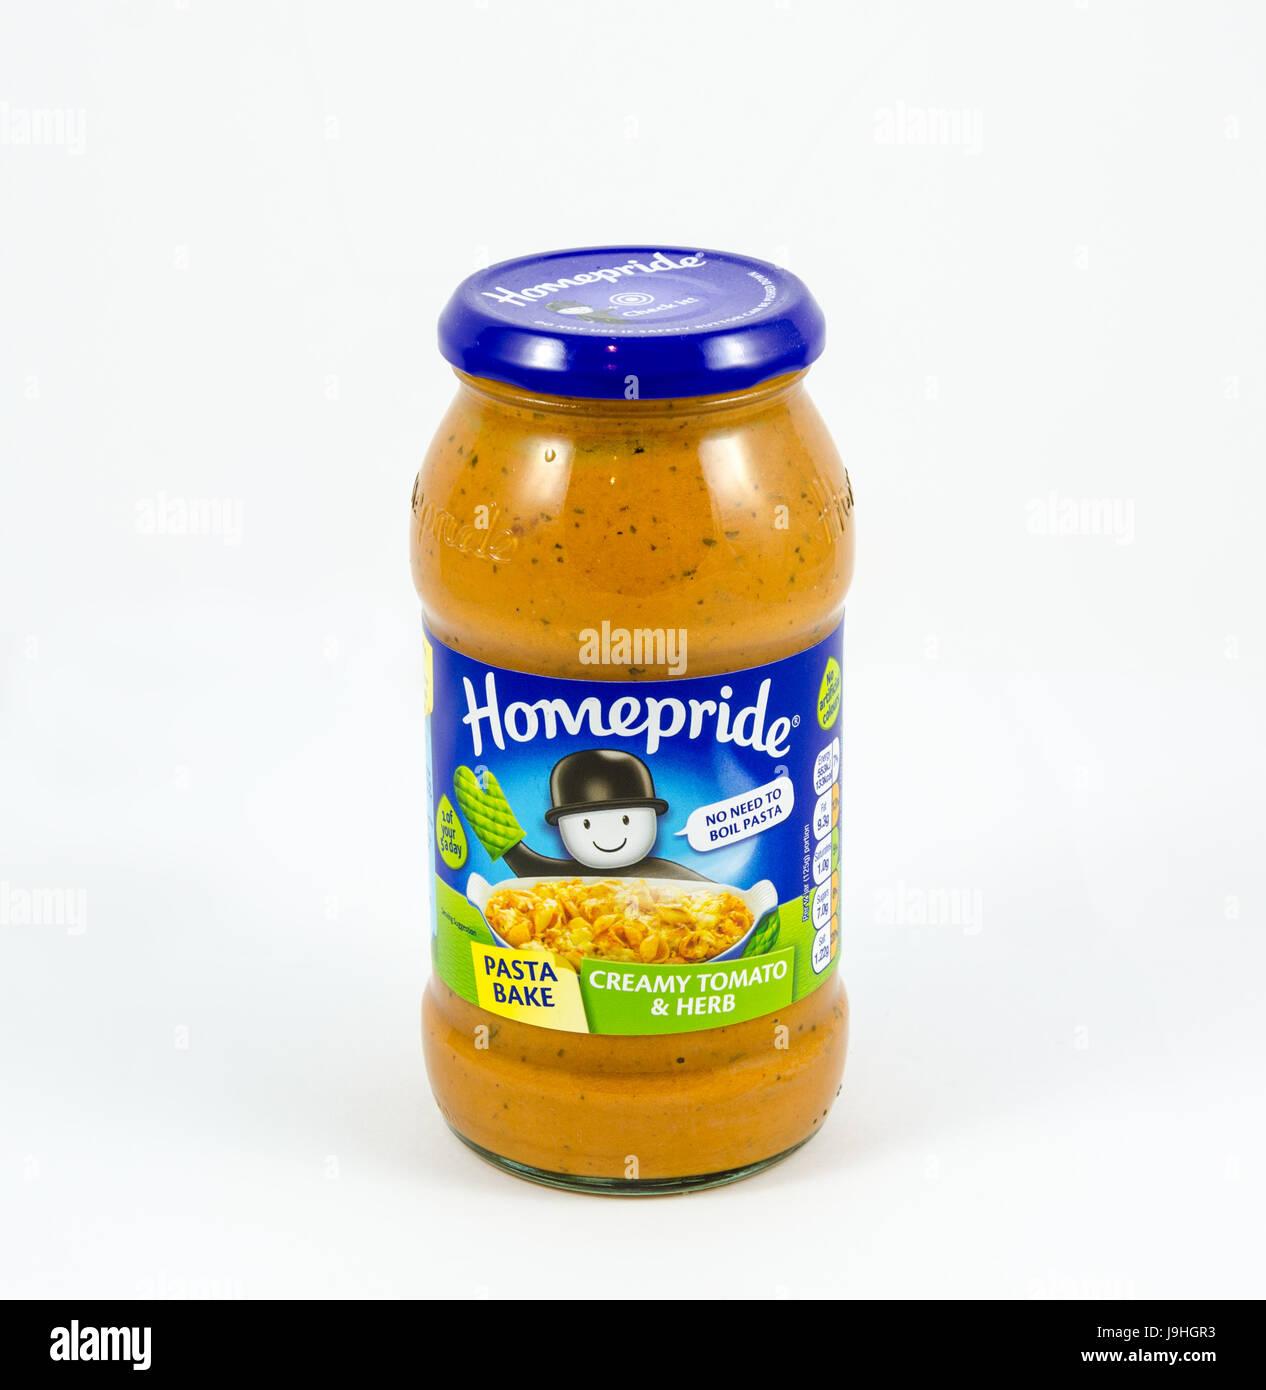 Homepride tomat crémeux aux herbes et faire cuire les pâtes. Photo Stock